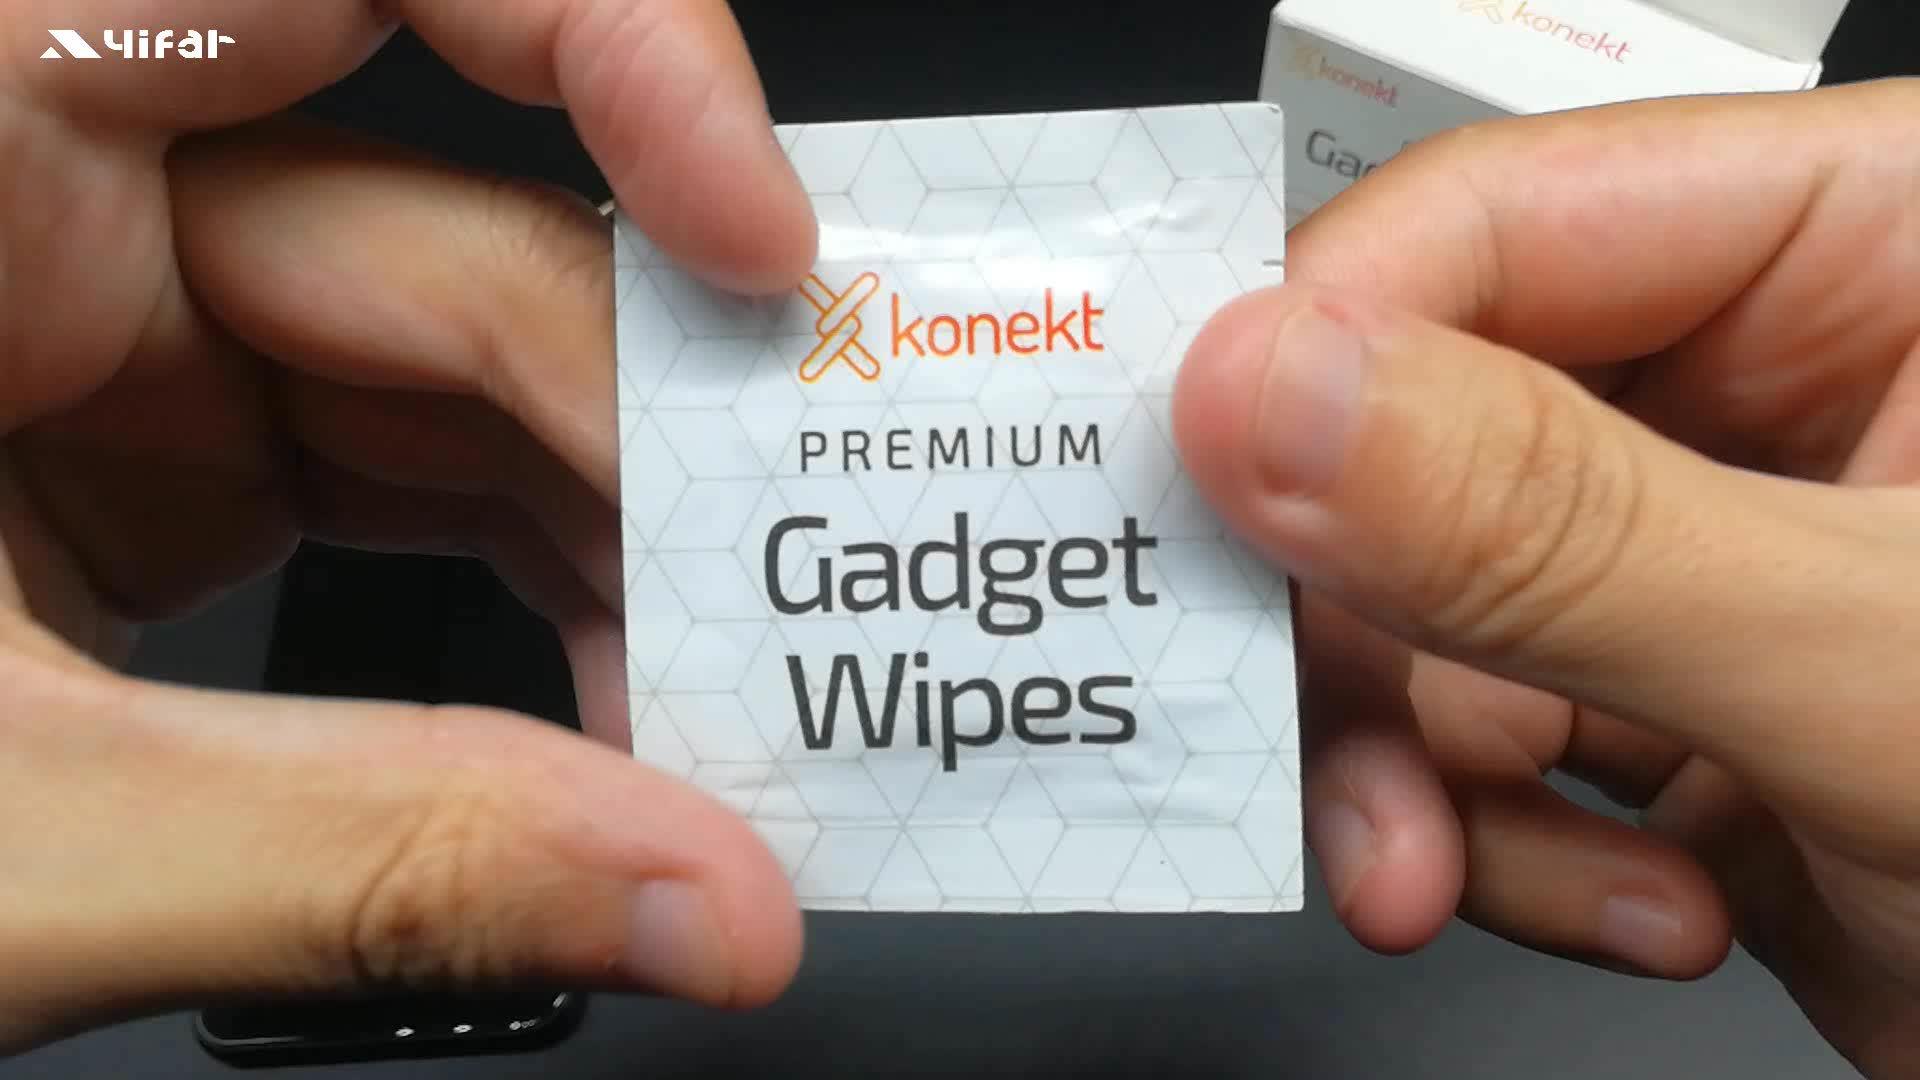 Pocket cleaning clear veeg ehbo direct lens screen natte doekjes